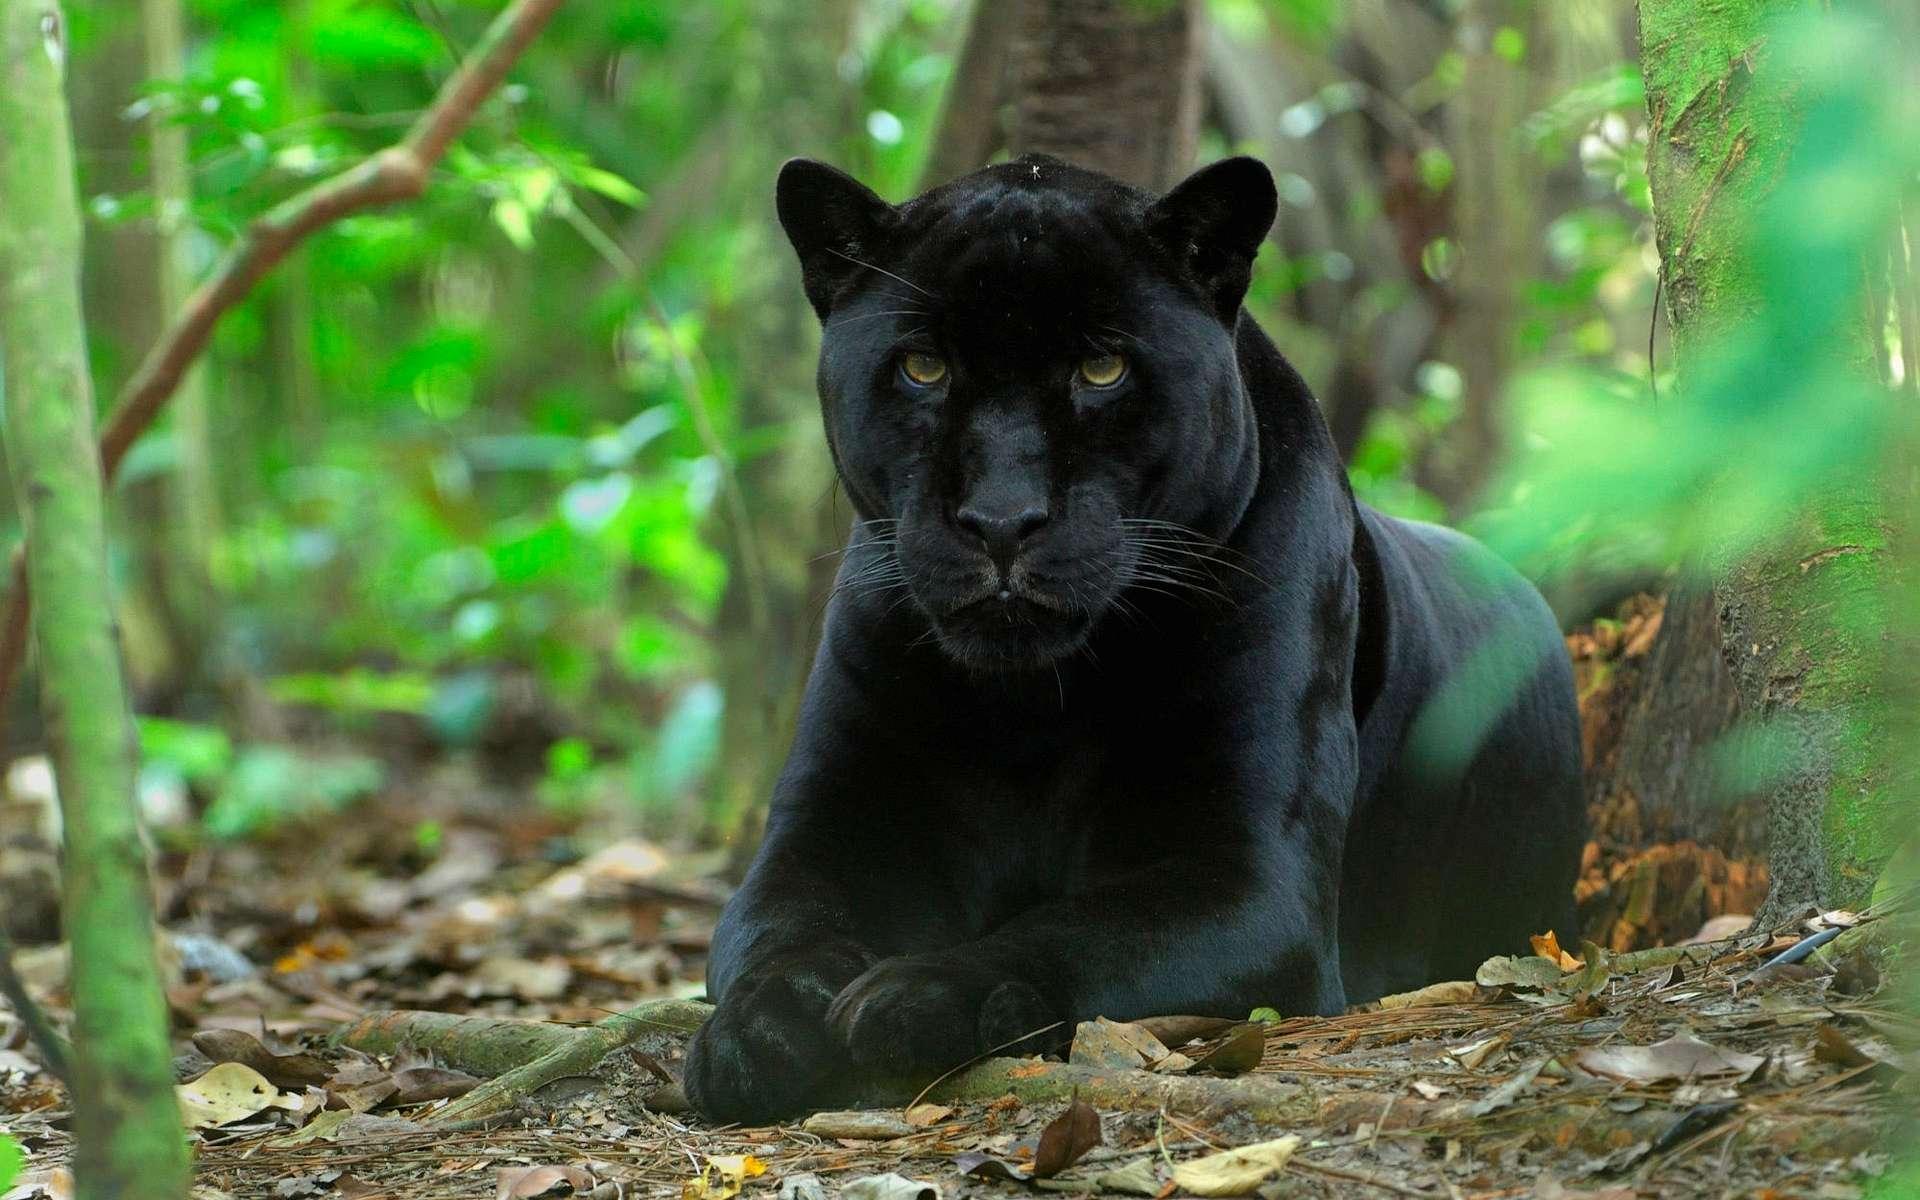 Скрап бумага, картинки с черной пантерой в джунглях